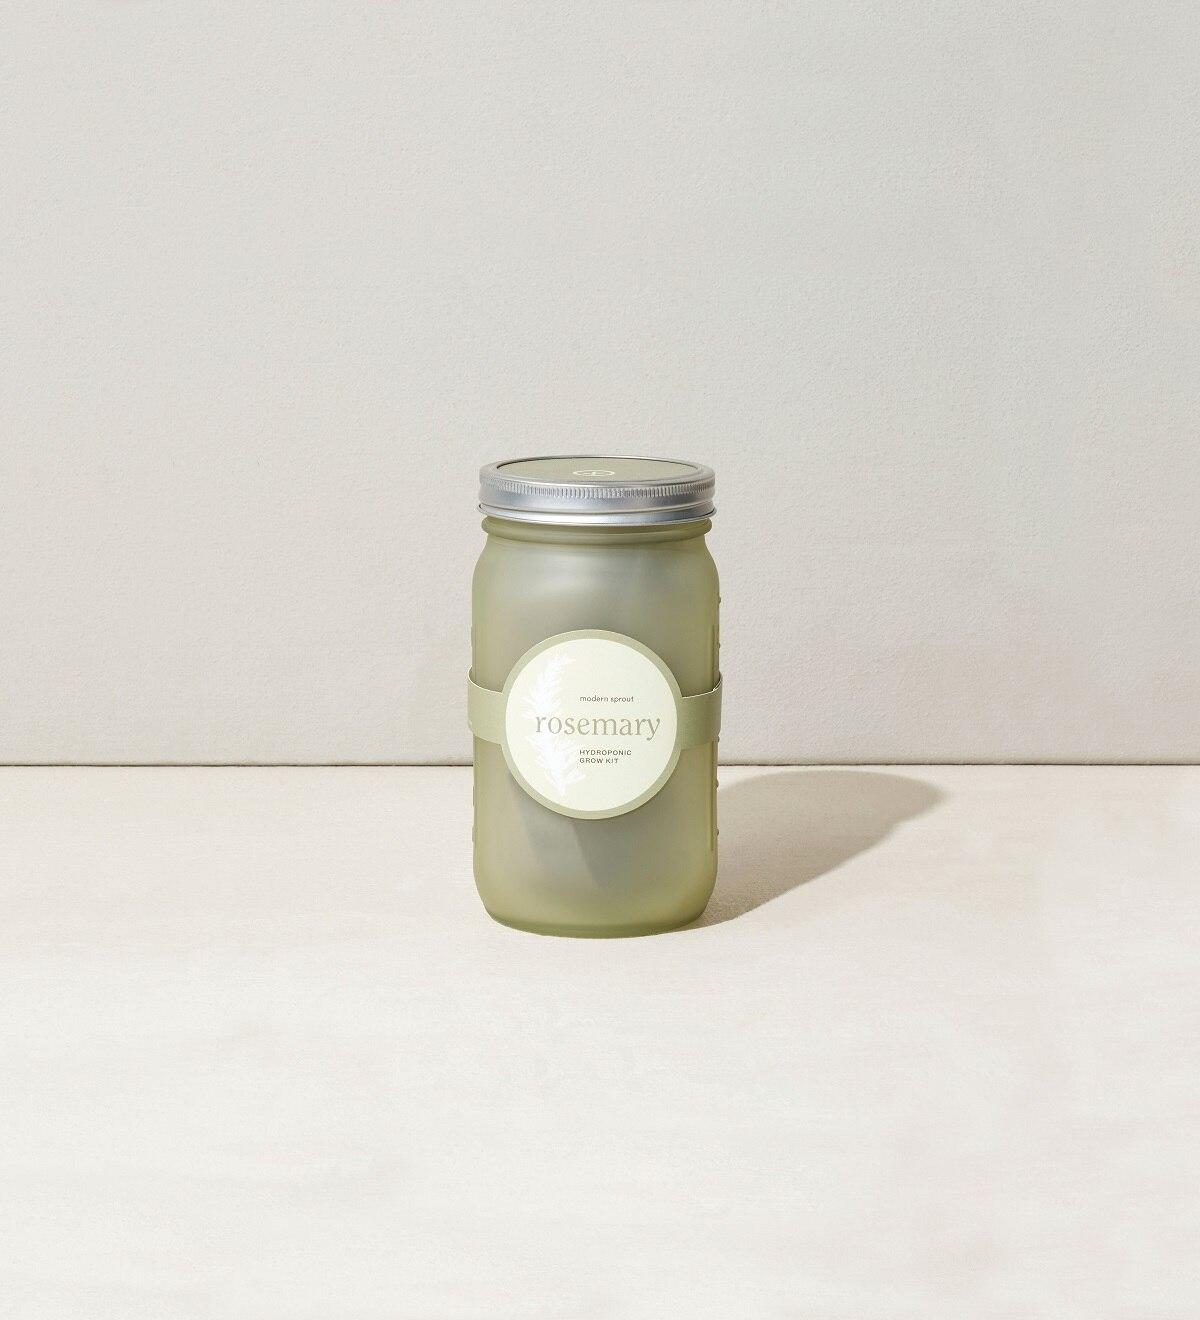 Garden Jar Rosemary